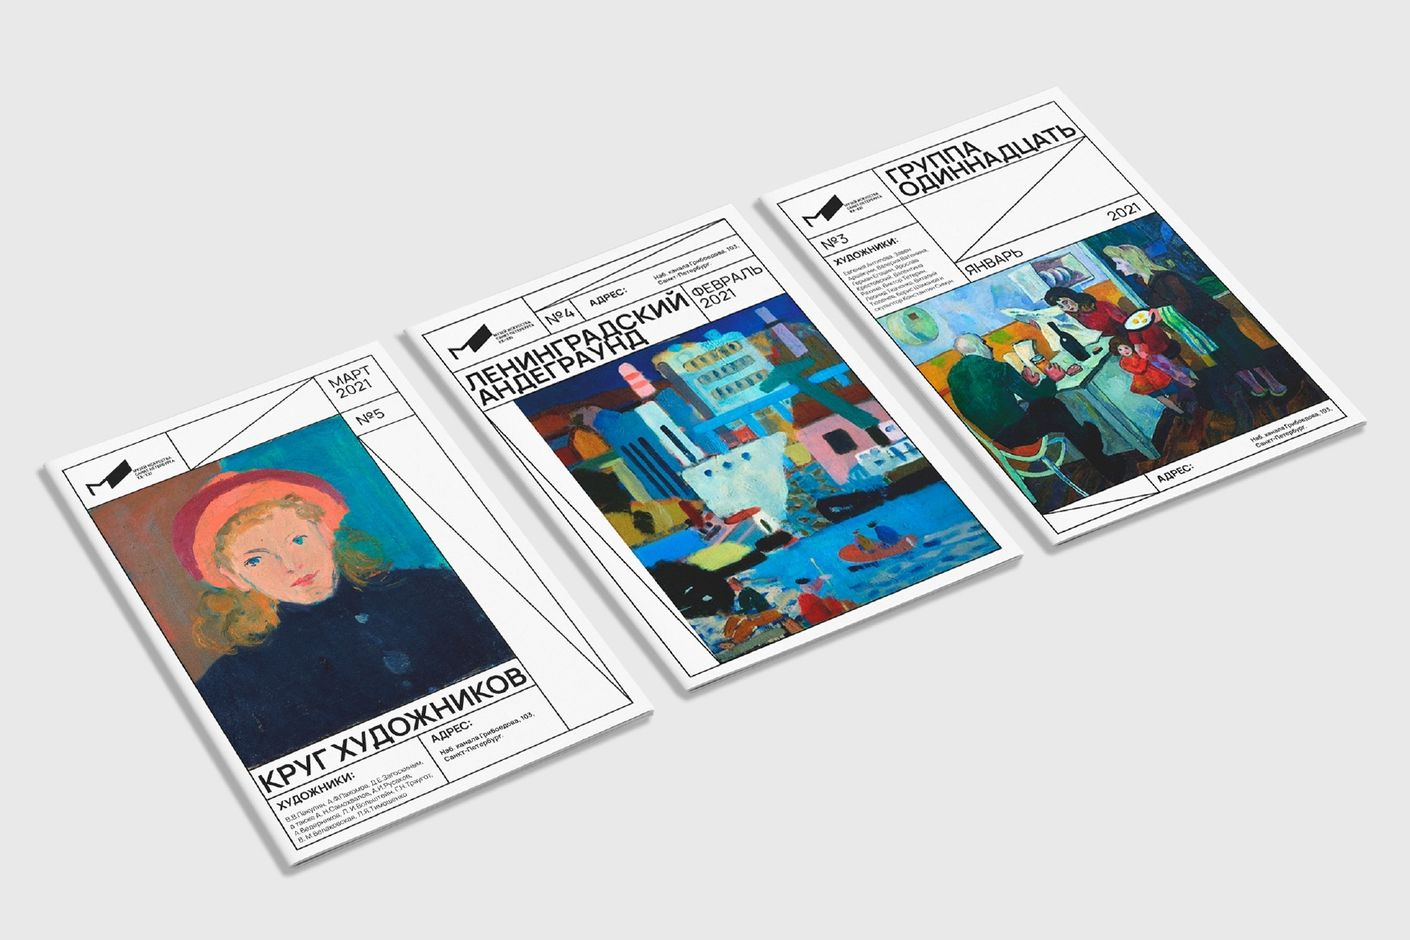 Выпускница питерской программы ДПО сделала ребрендинг Музея Искусства Санкт-Петербурга ХХ-ХХI веков